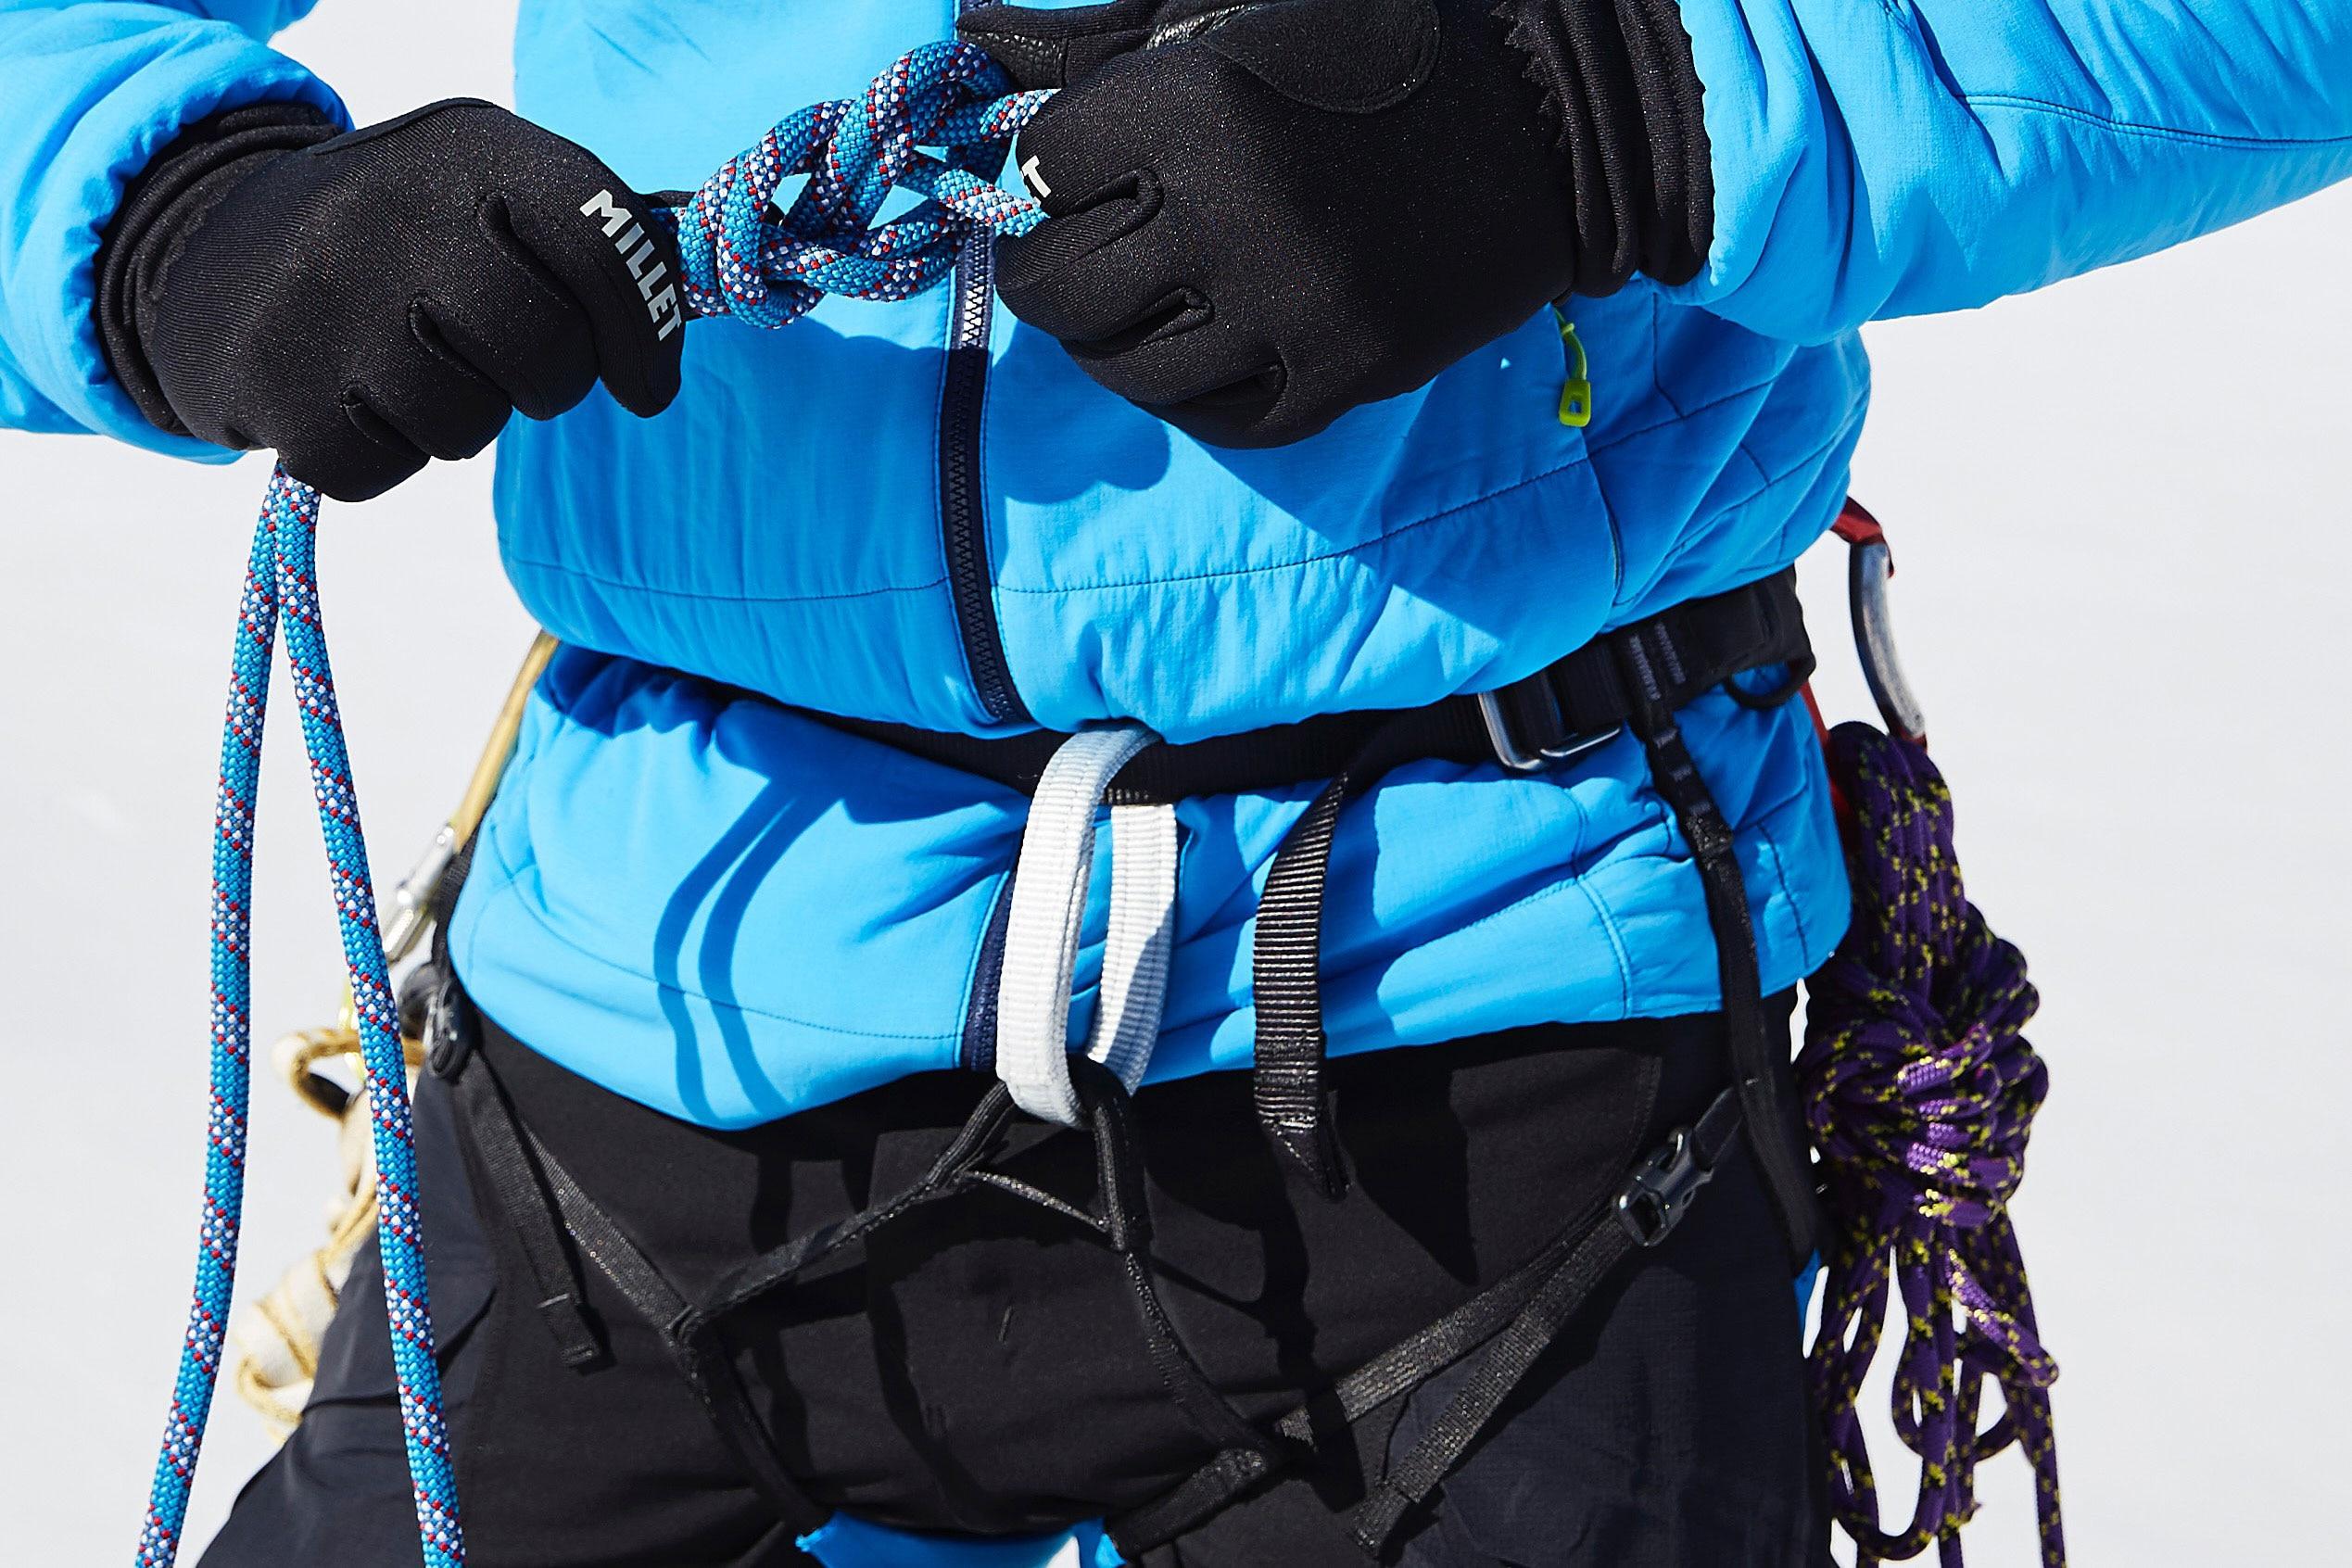 Klettergurt Black Diamond Test : Test couloir harness hüftgurt von black diamond bergwelten